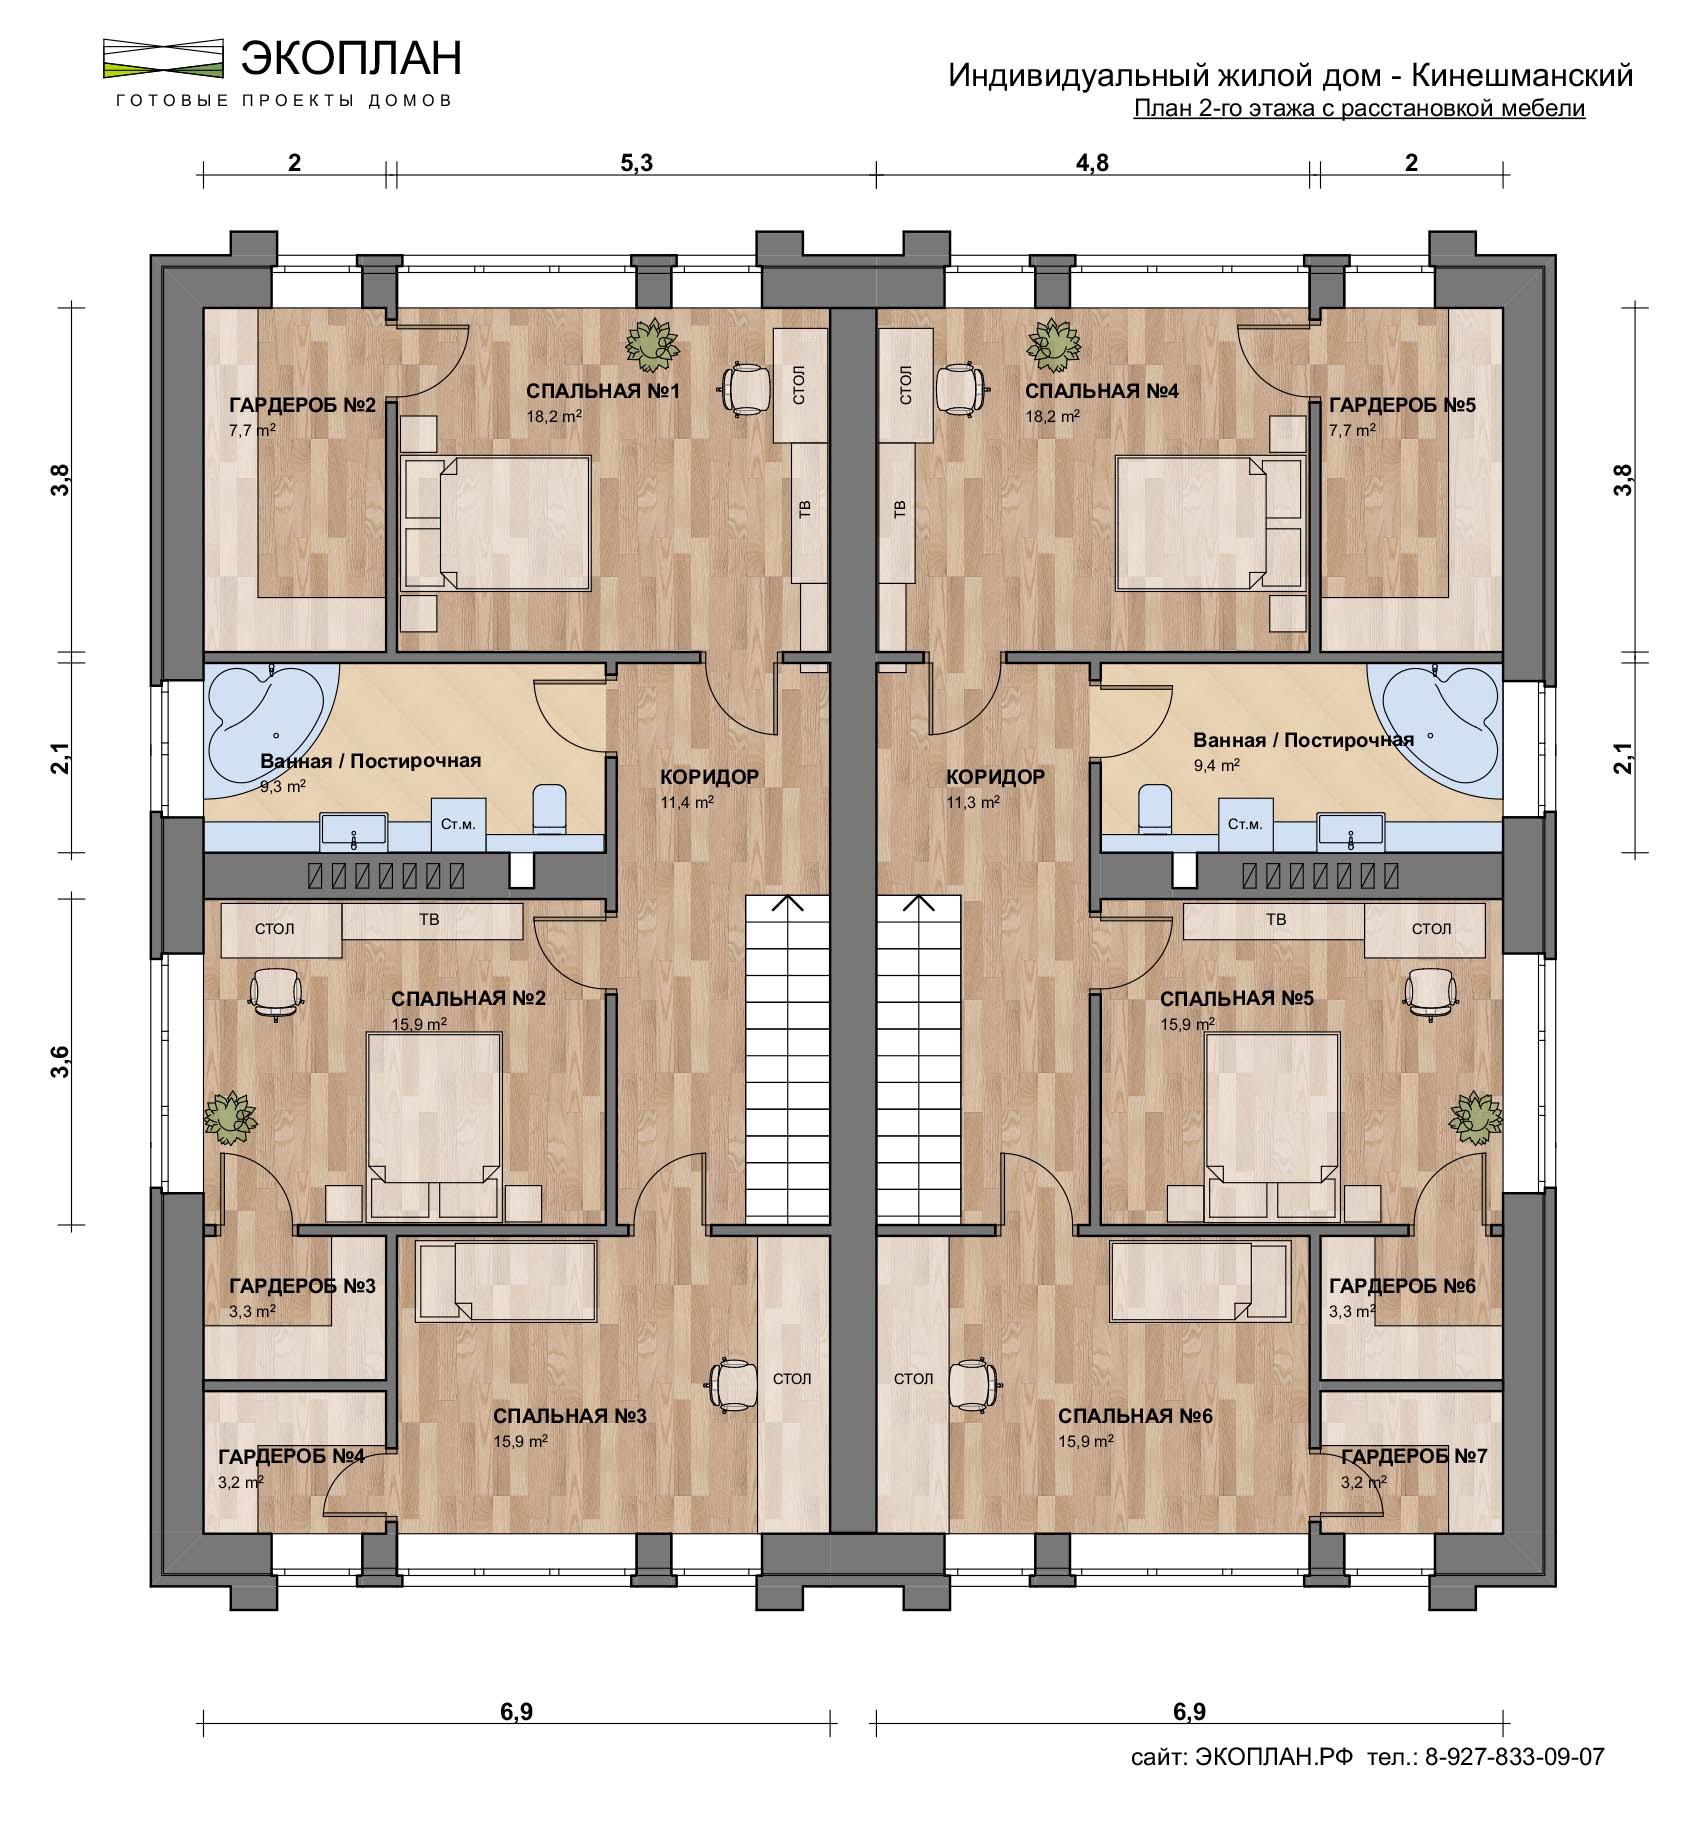 Кинешманский - Проект дома на две семьи - Экоплан план